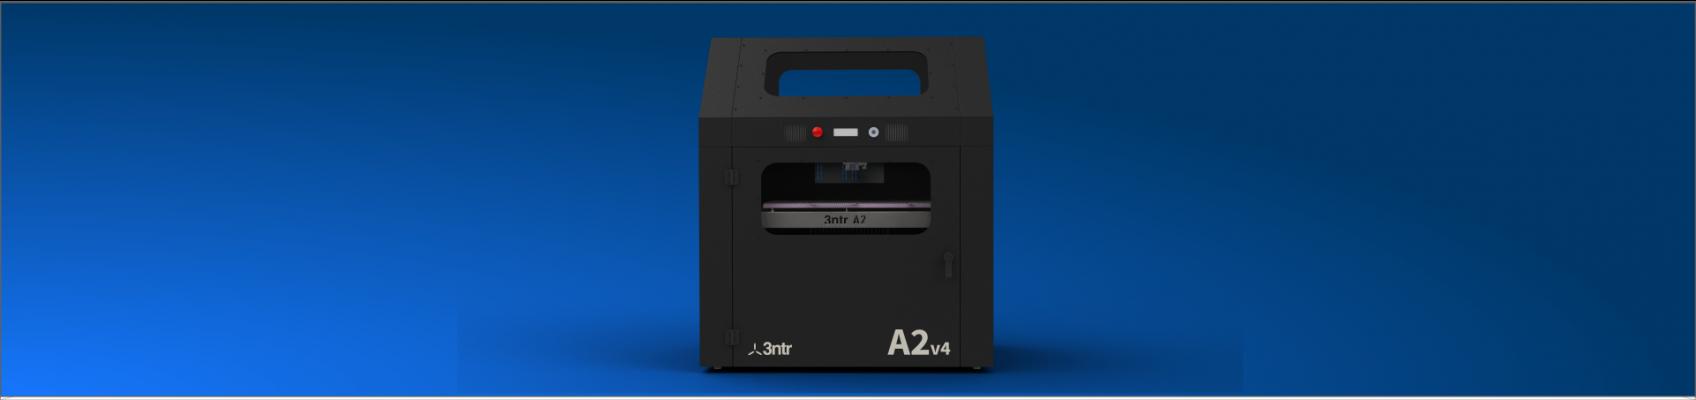 a2_blu